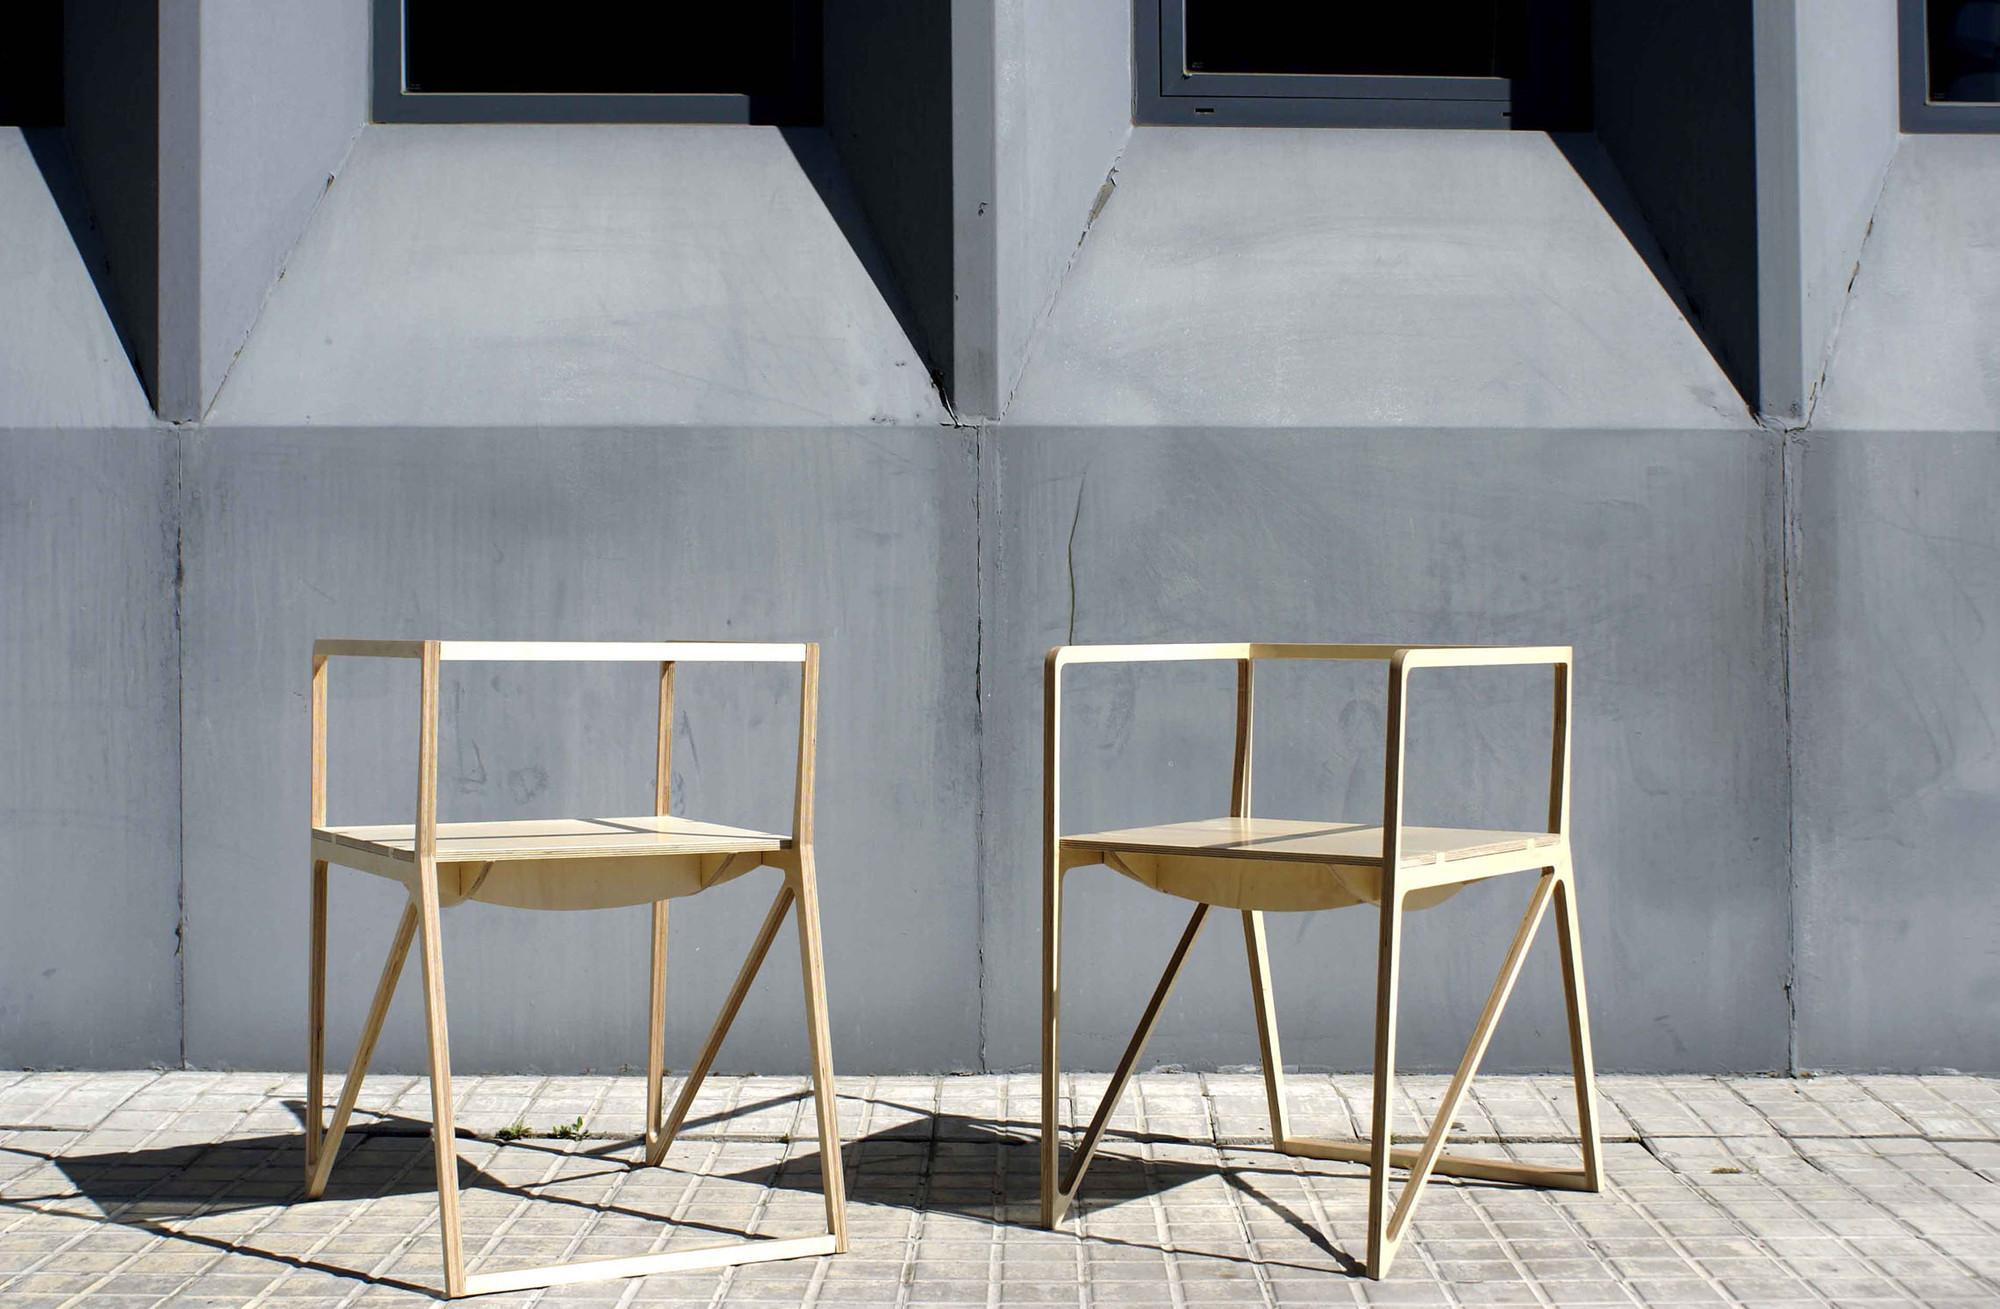 silla brace ignacio hornillos design studio archdaily